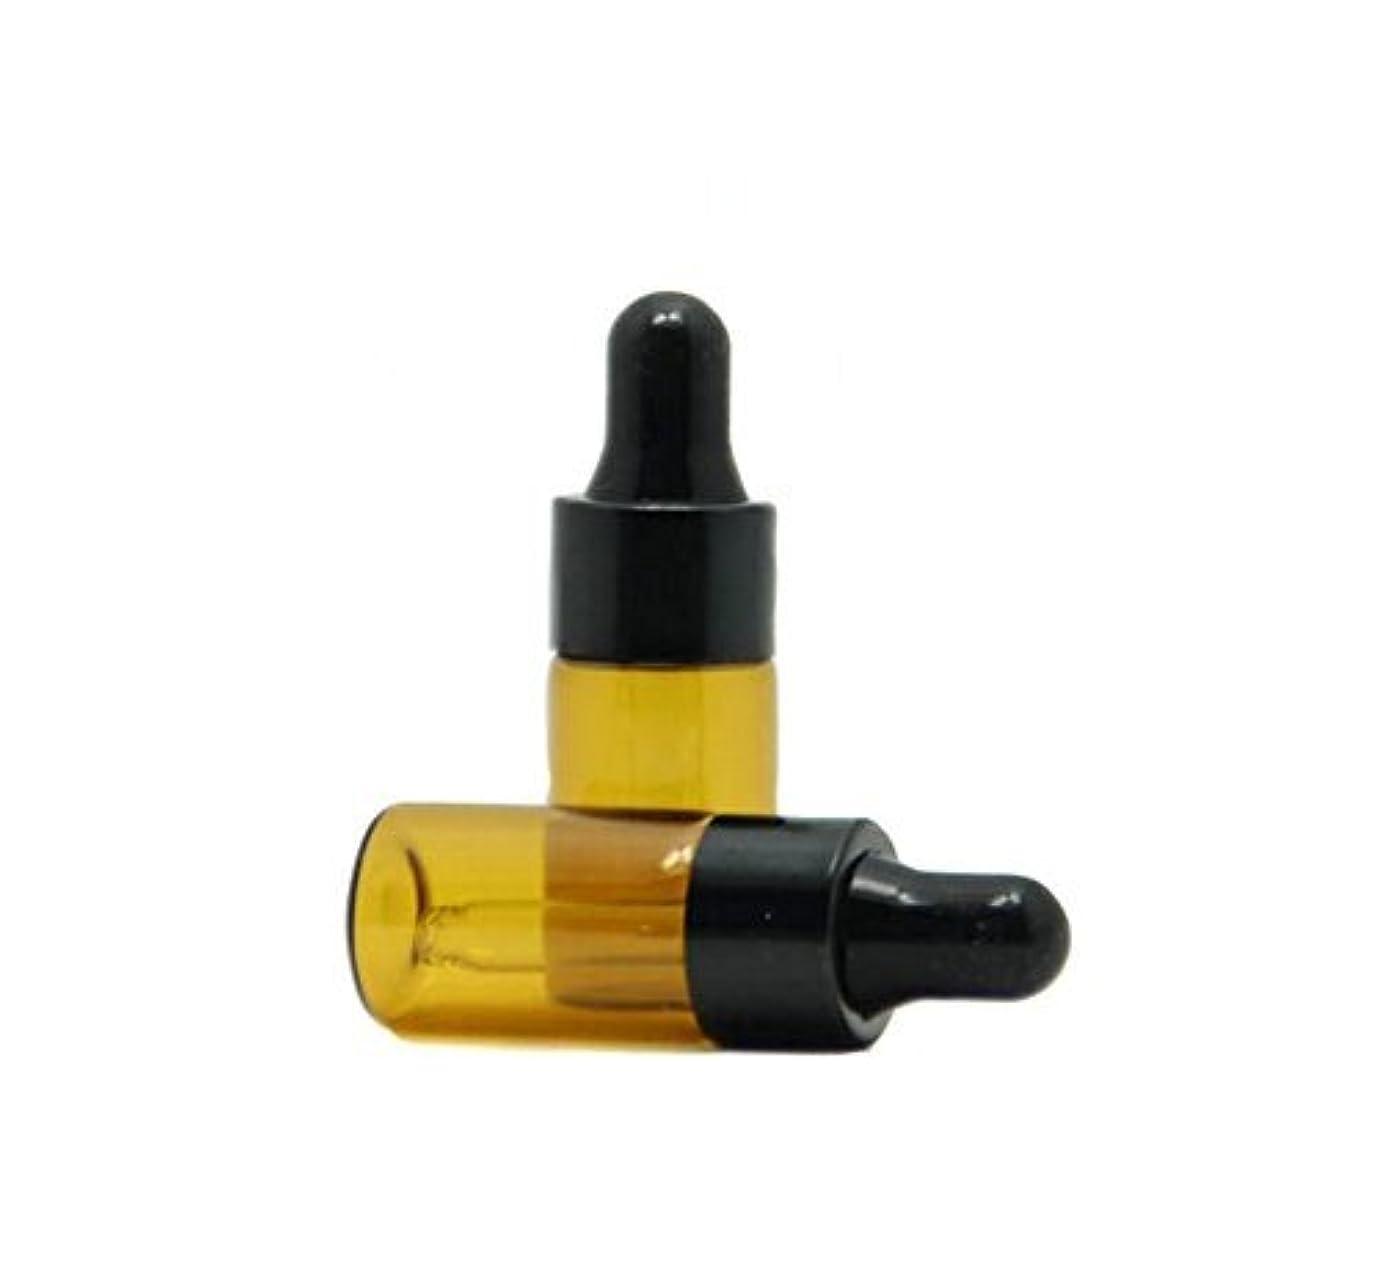 デコードする快い囲い3ml 15 Pcs Refillable Mini Amber Glass Essential Oil Bottles Dropper Bottles Vials With Eyed Dropper For Aromatherapy Eye Dropper Cosmetics (black cap) [並行輸入品]